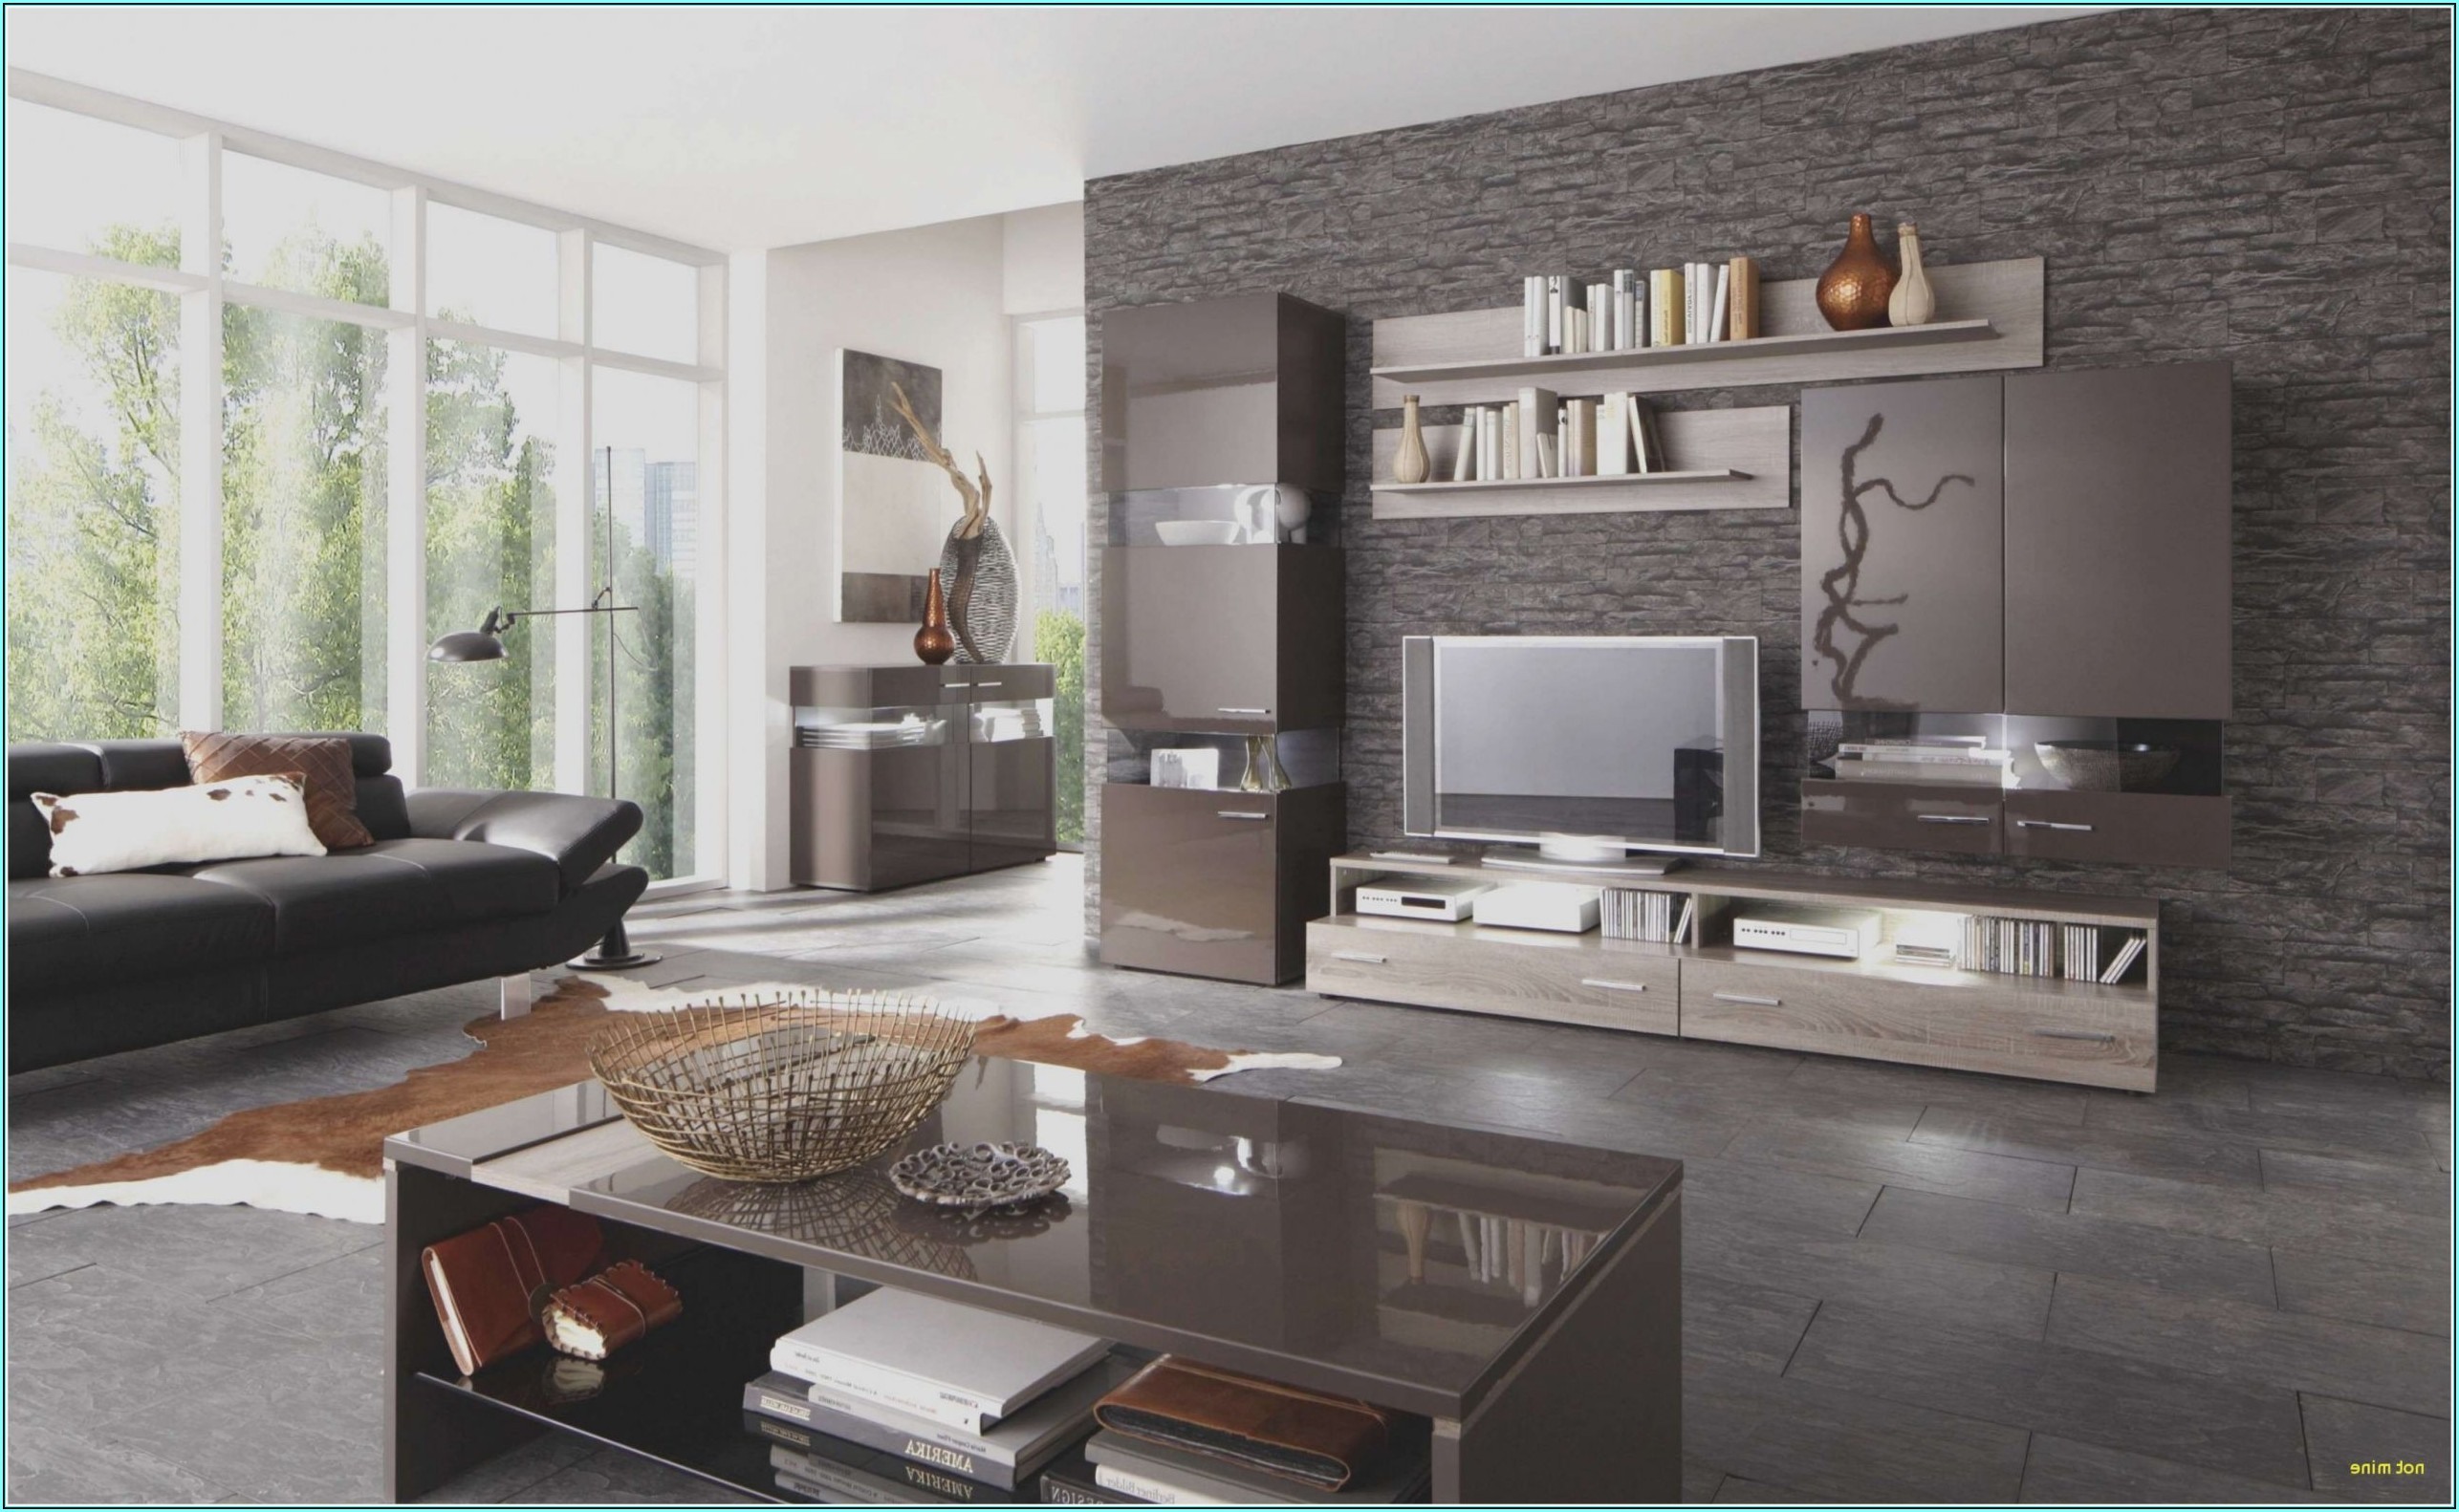 Wohnzimmer Ideen Schwarze Möbel